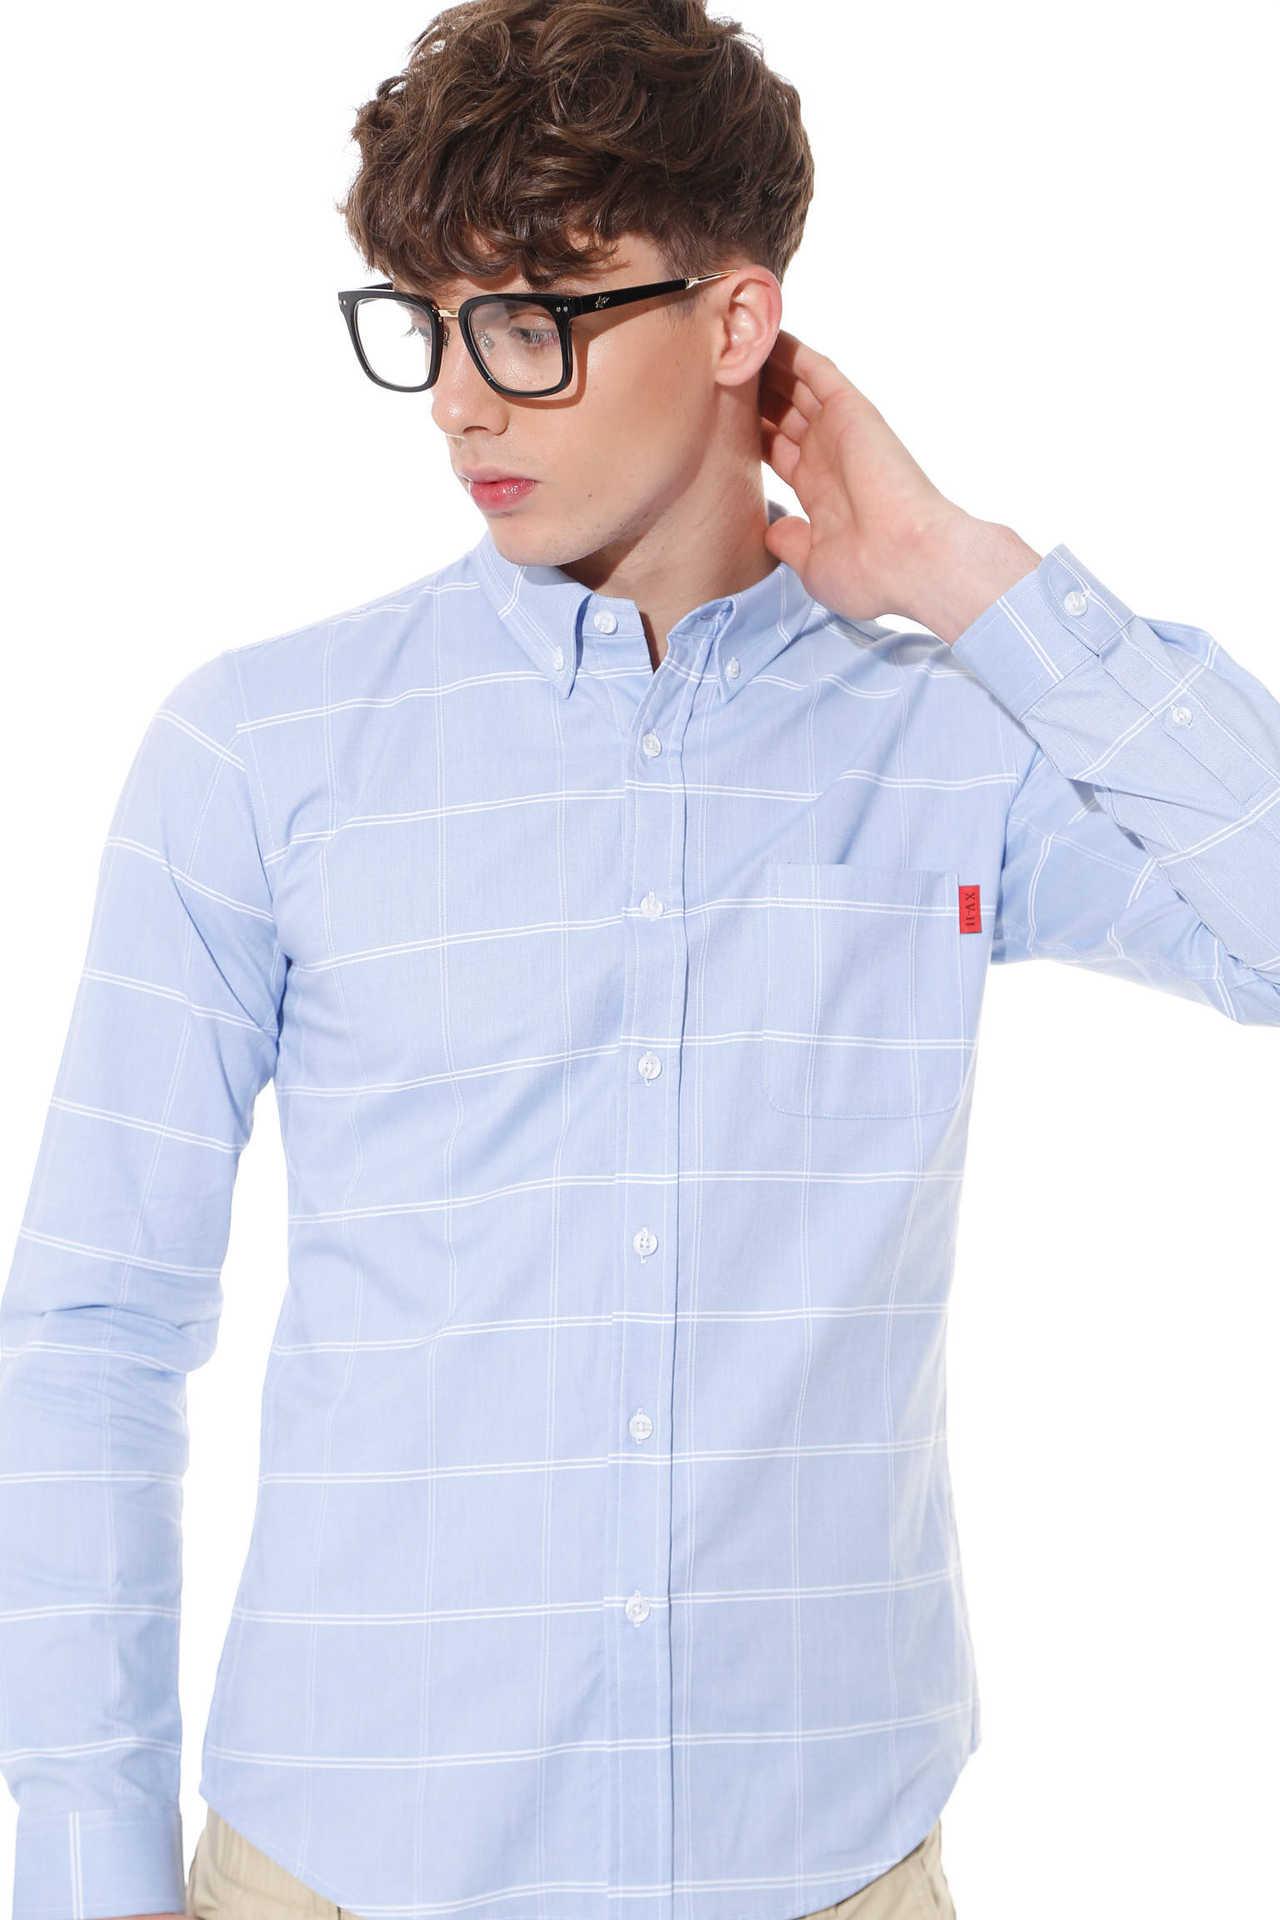 如今适合秋季的男装品牌找ZENL潮流男装 与您共同品味品质生活